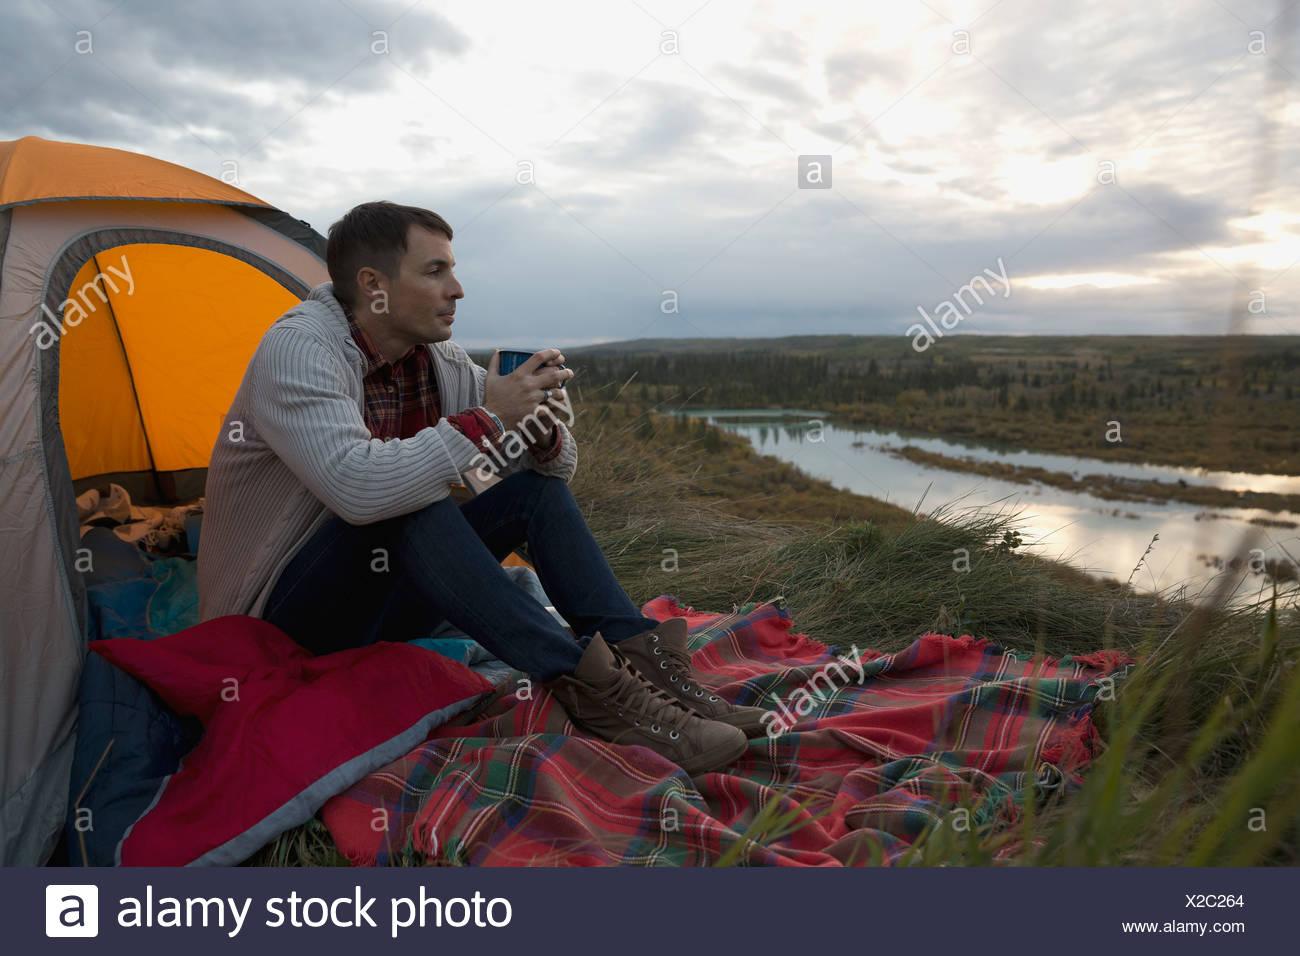 La longueur totale de l'homme avoir café au camping Photo Stock